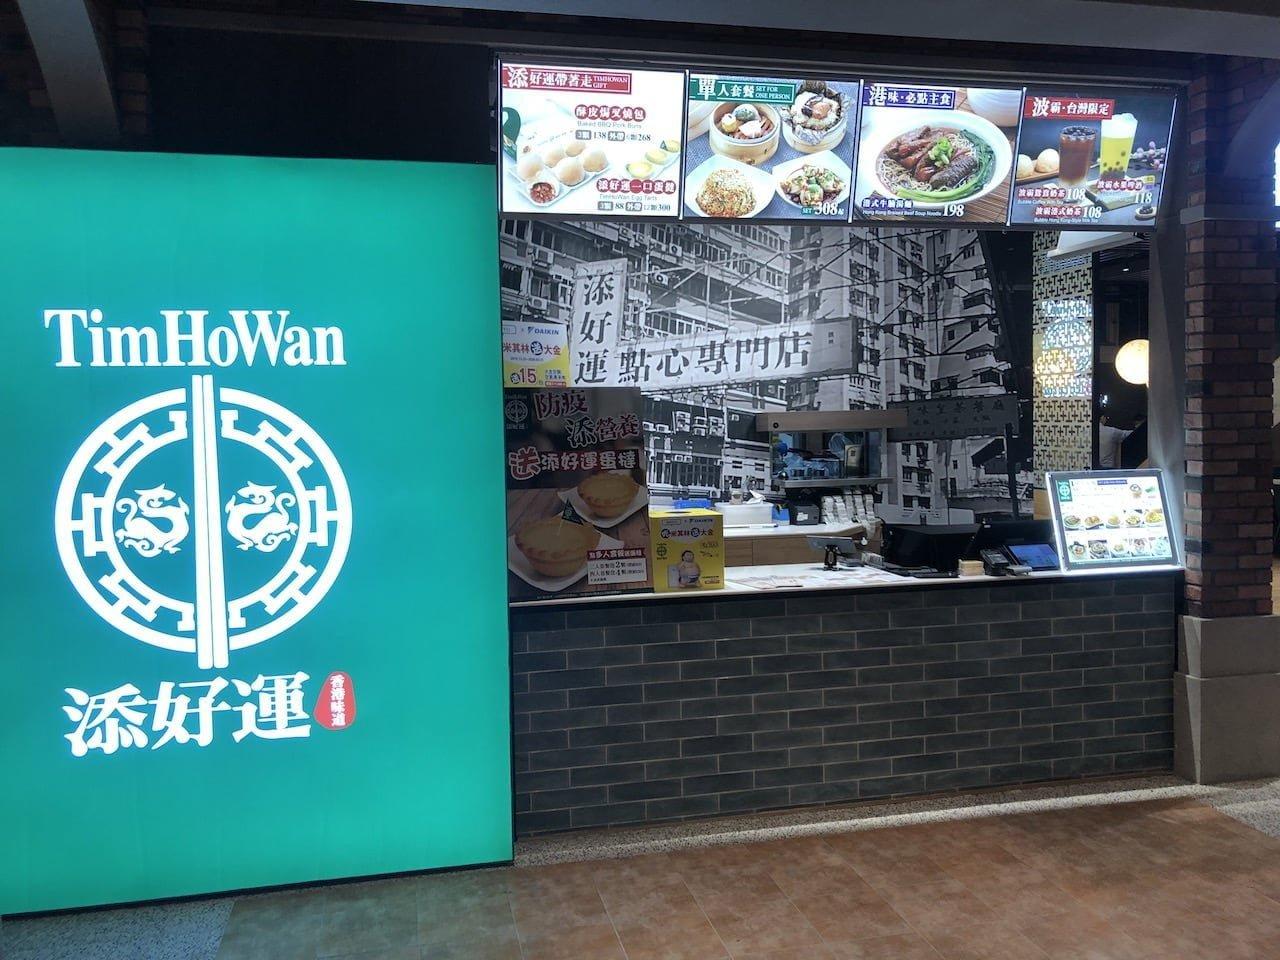 桃園空港第2ターミナル 5階 南側展望デッキの添好運(Tim Ho Wan)